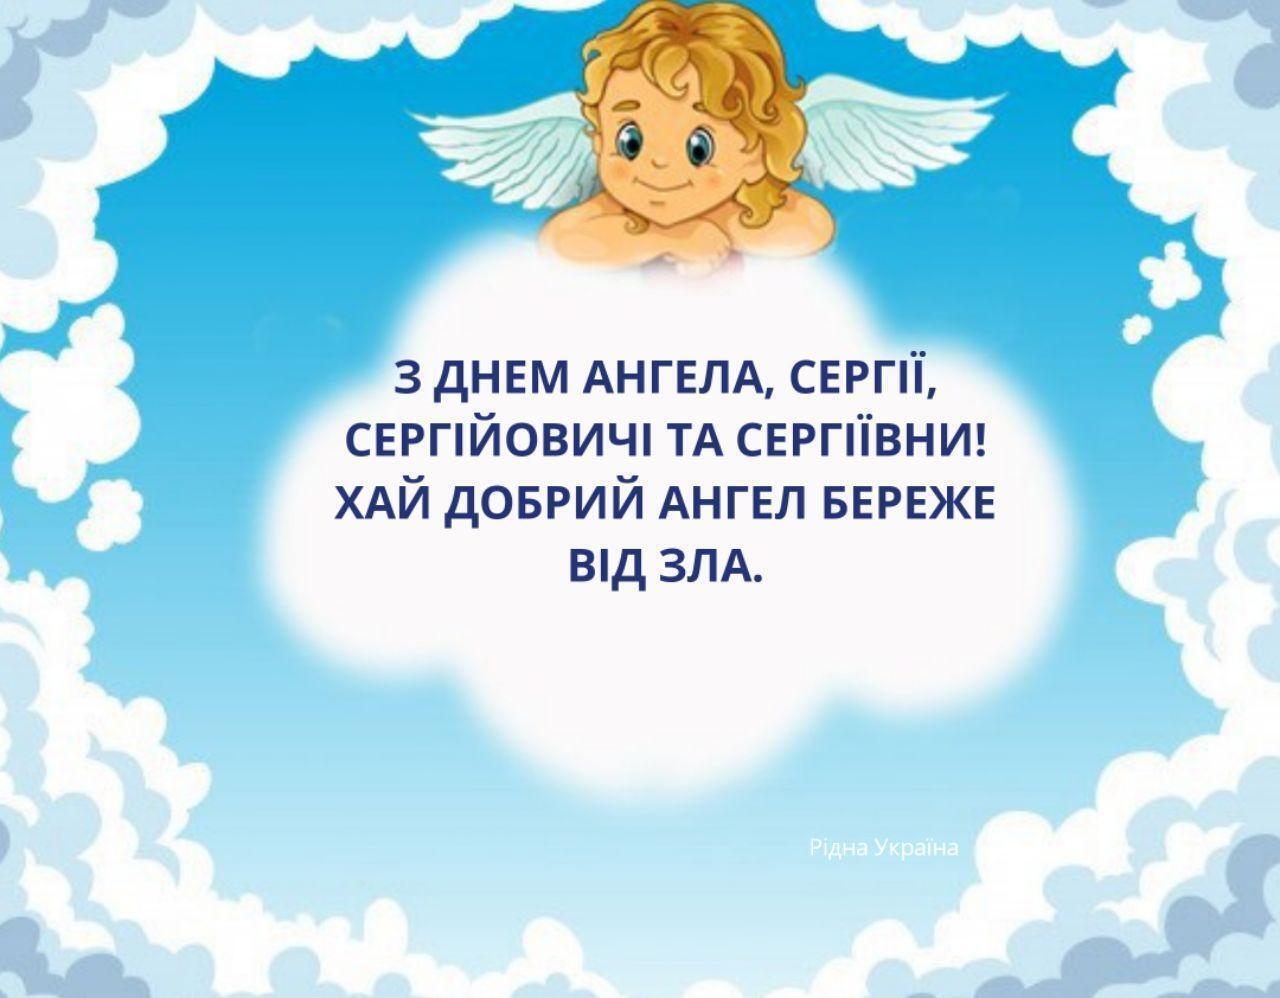 Поздравления с днем ангела Сергея